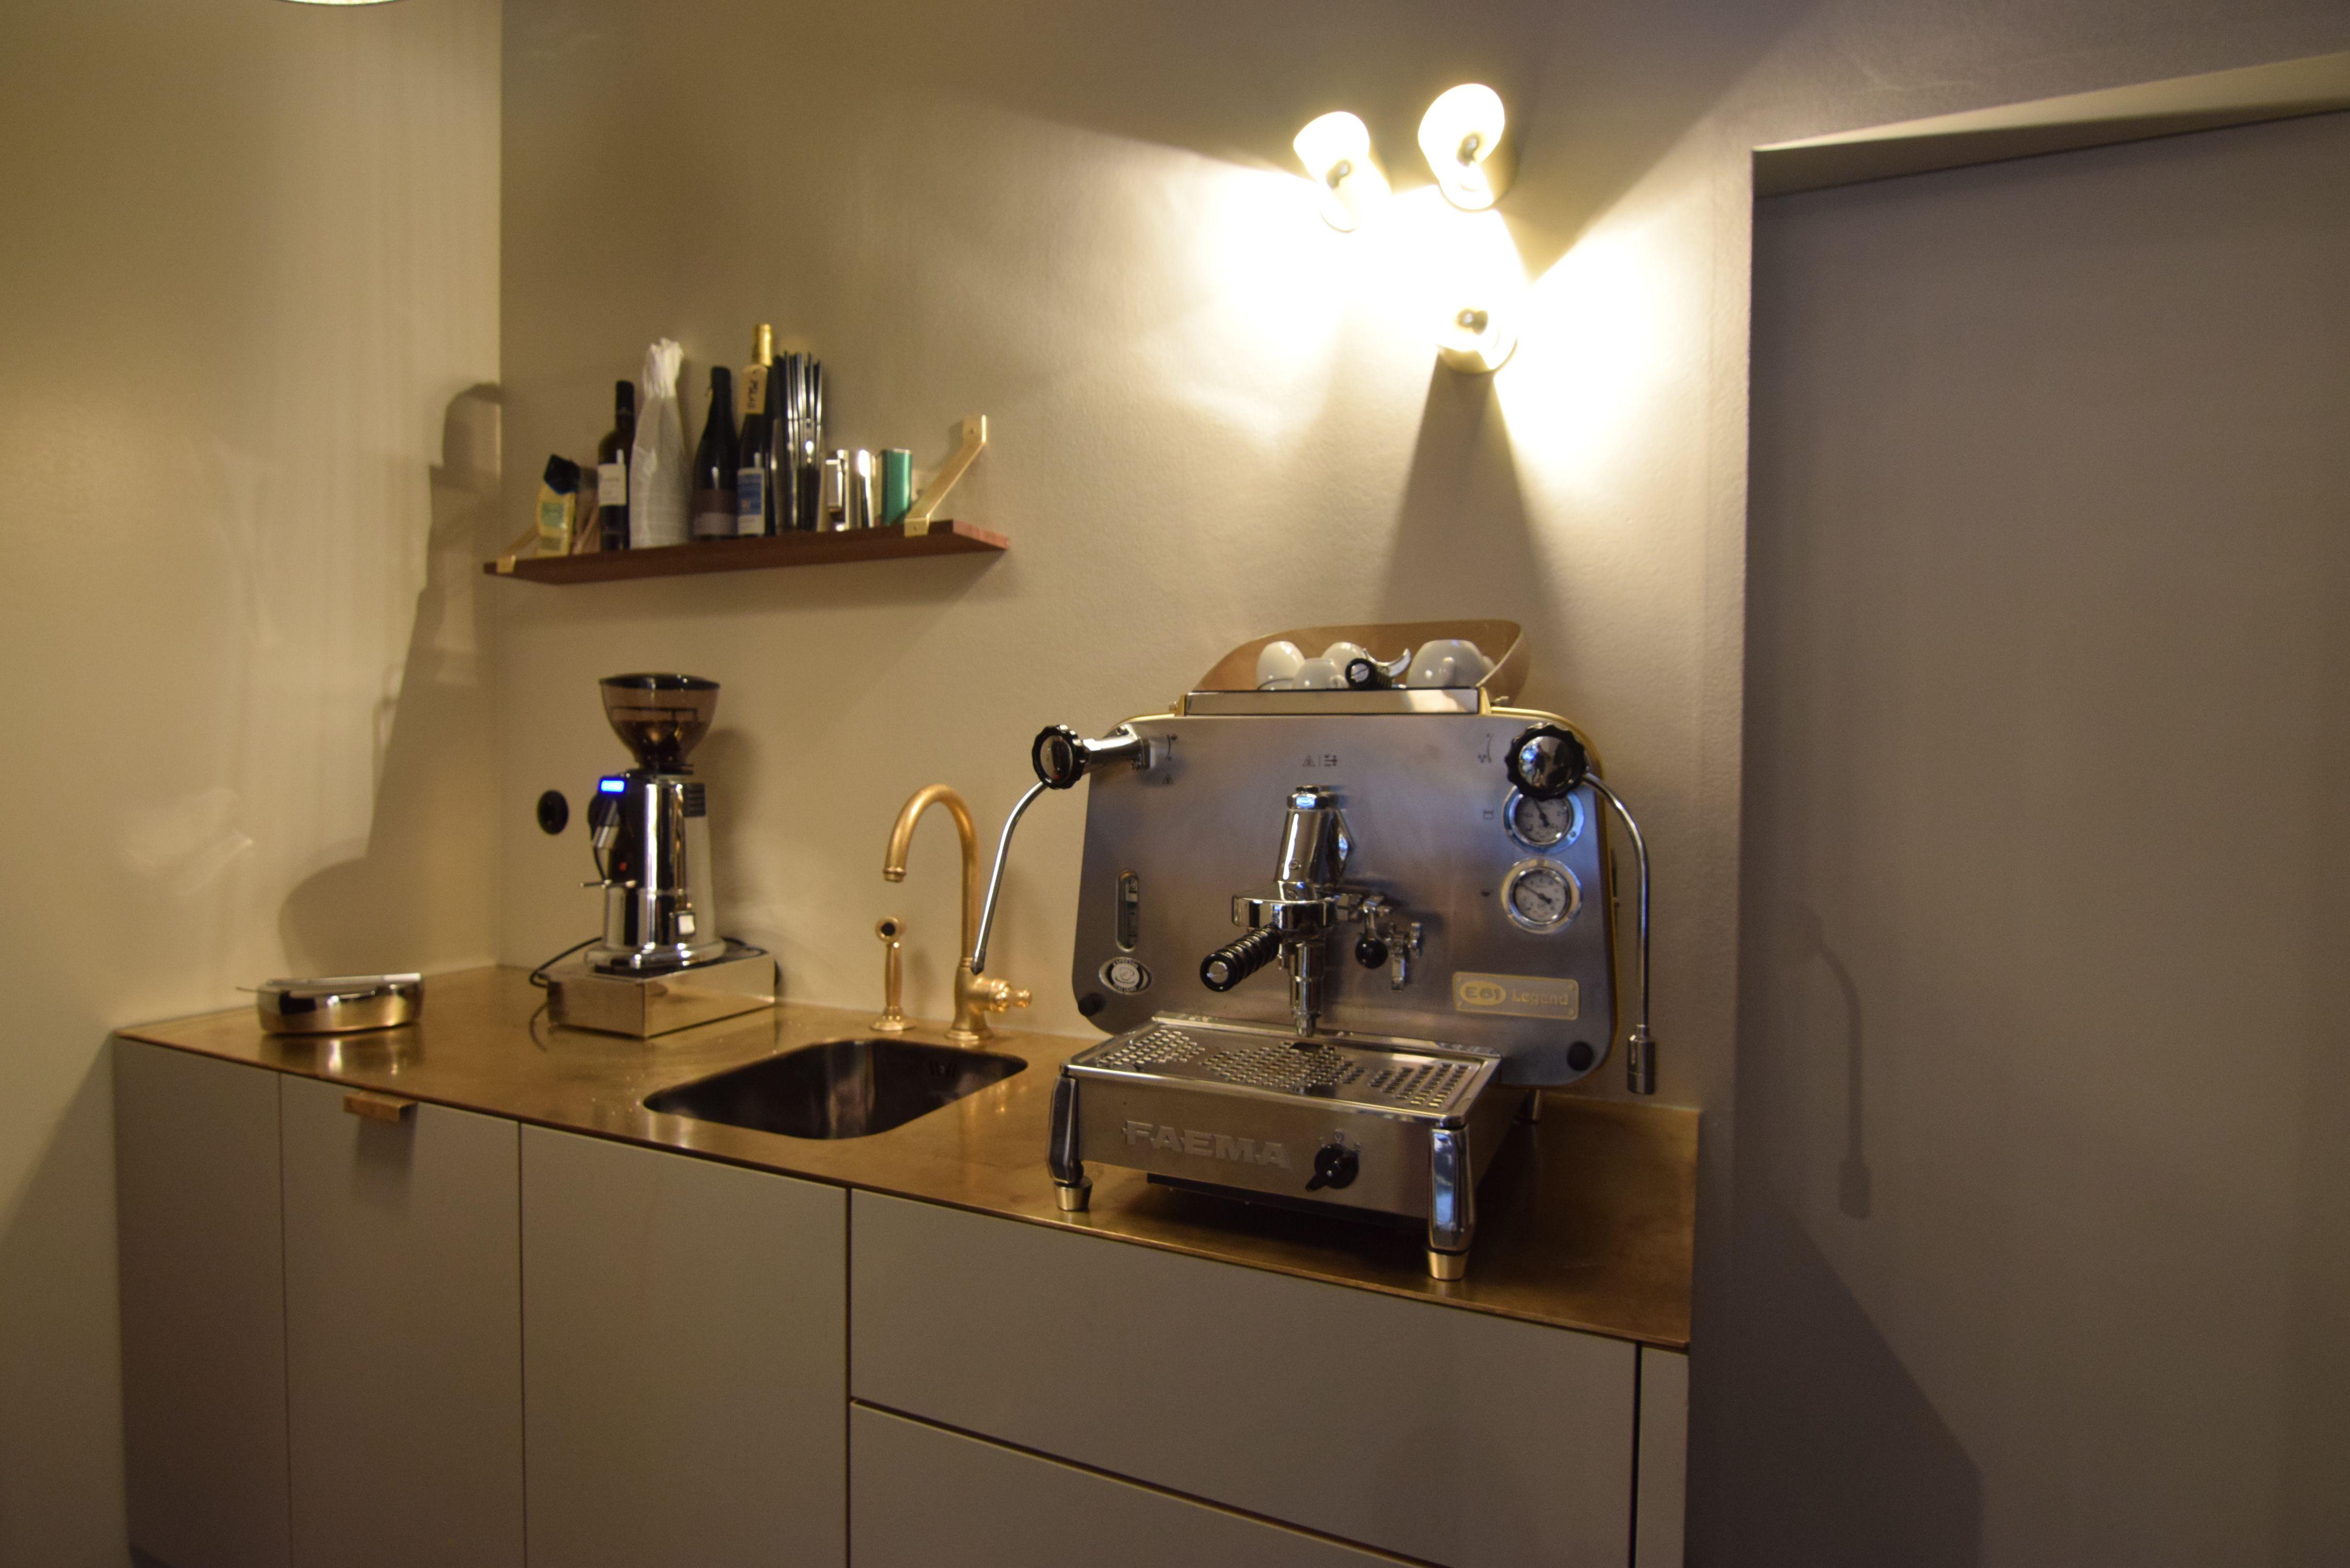 Küchenzeile mit Linoleumfront. Messing Arbeitsplatte, Wandboard